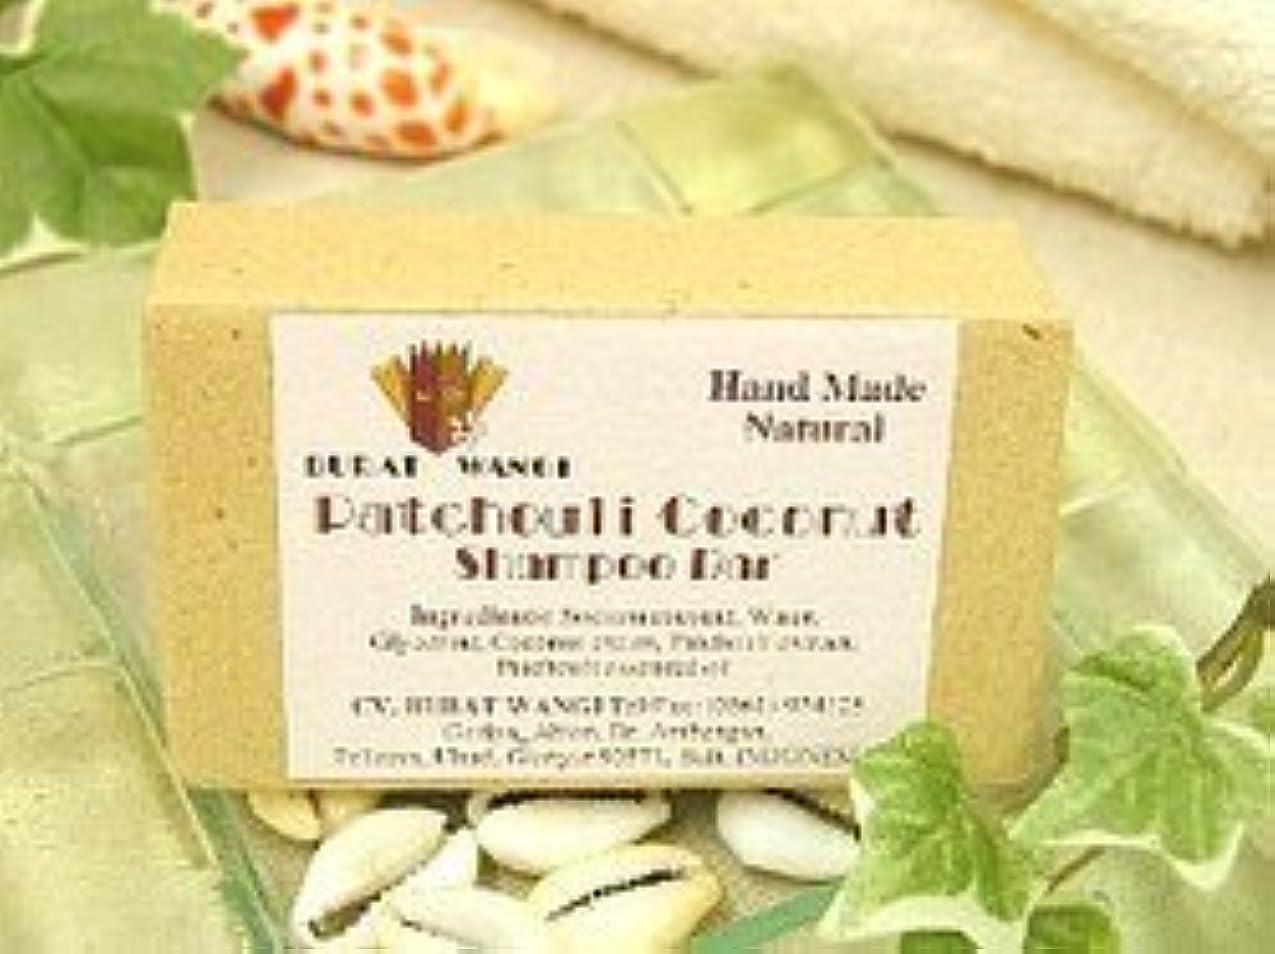 偽物判決ずっとパチュリー シャンプーバー ブラットワンギ 手作り 純石鹸 アジアン雑貨